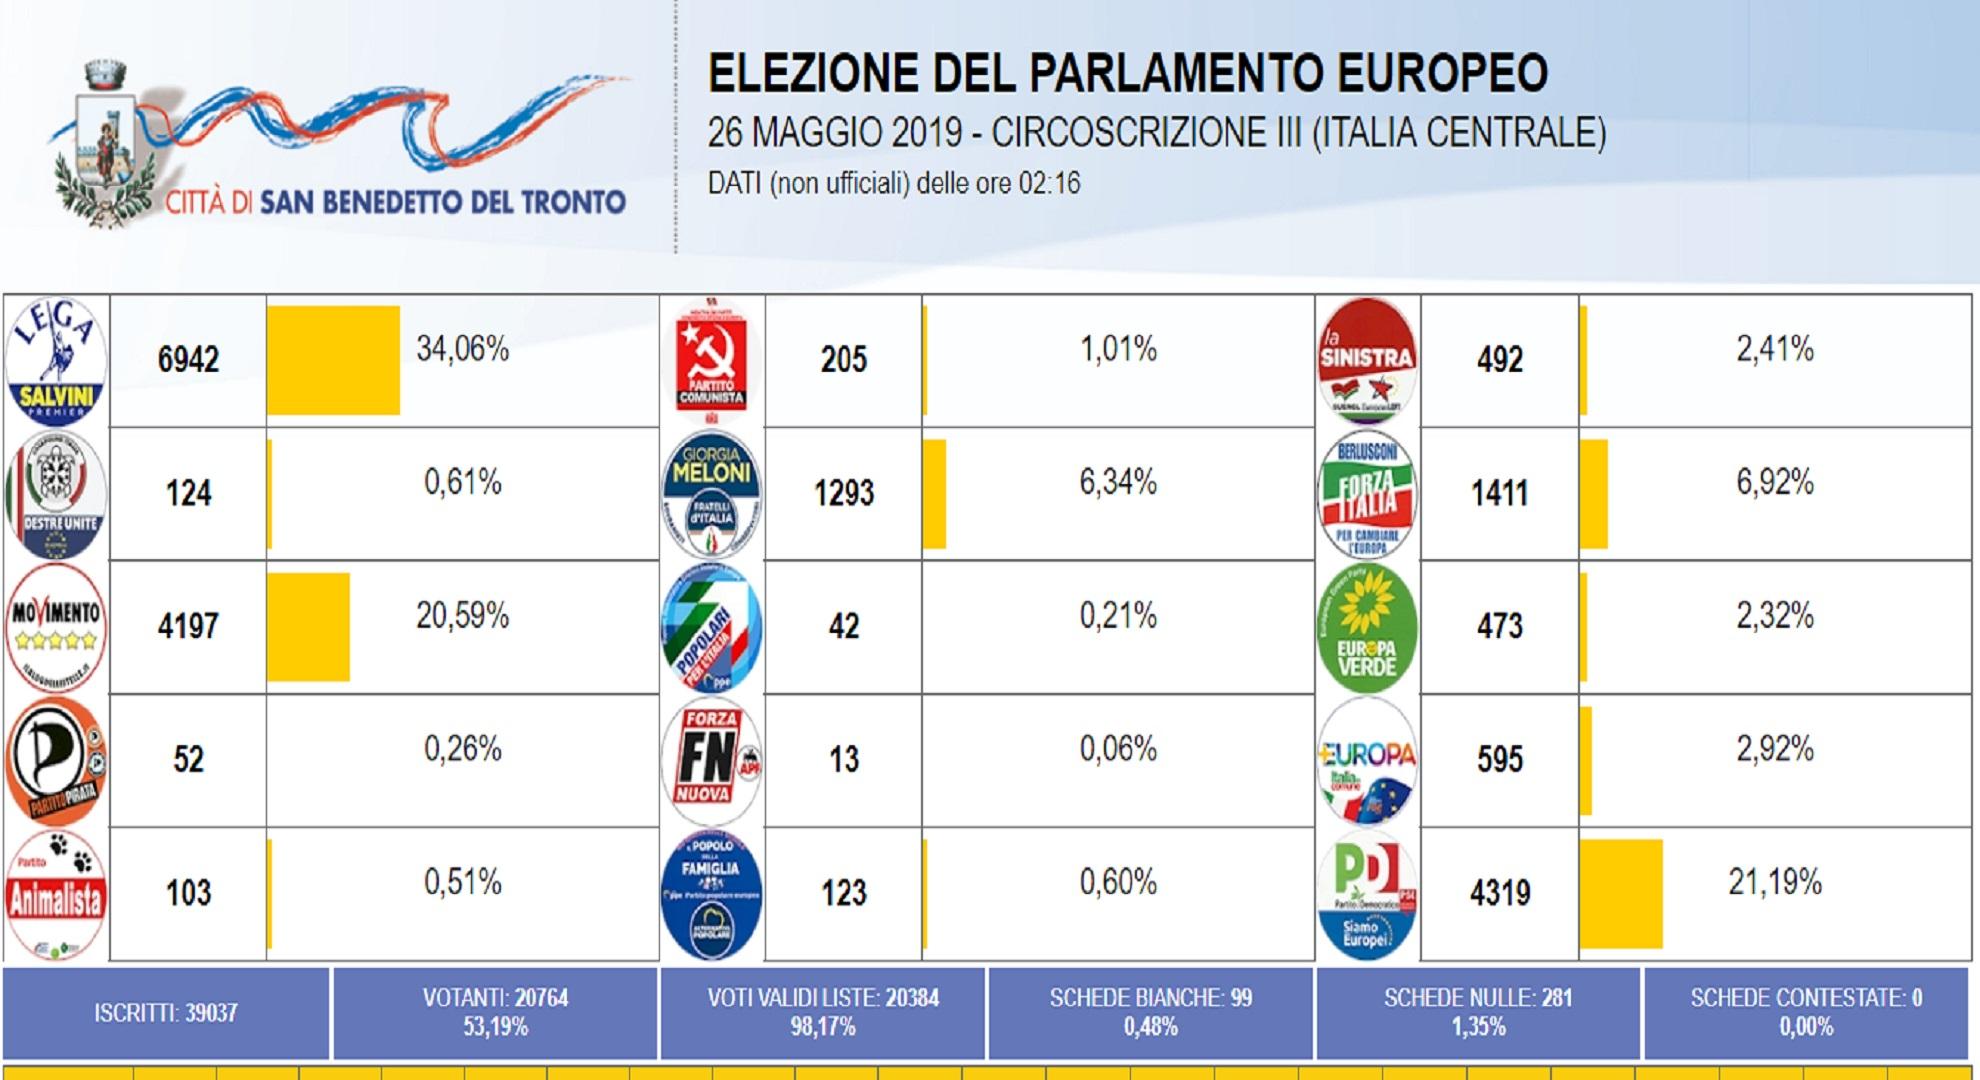 San Benedetto Dati Definitivi: Lega 34